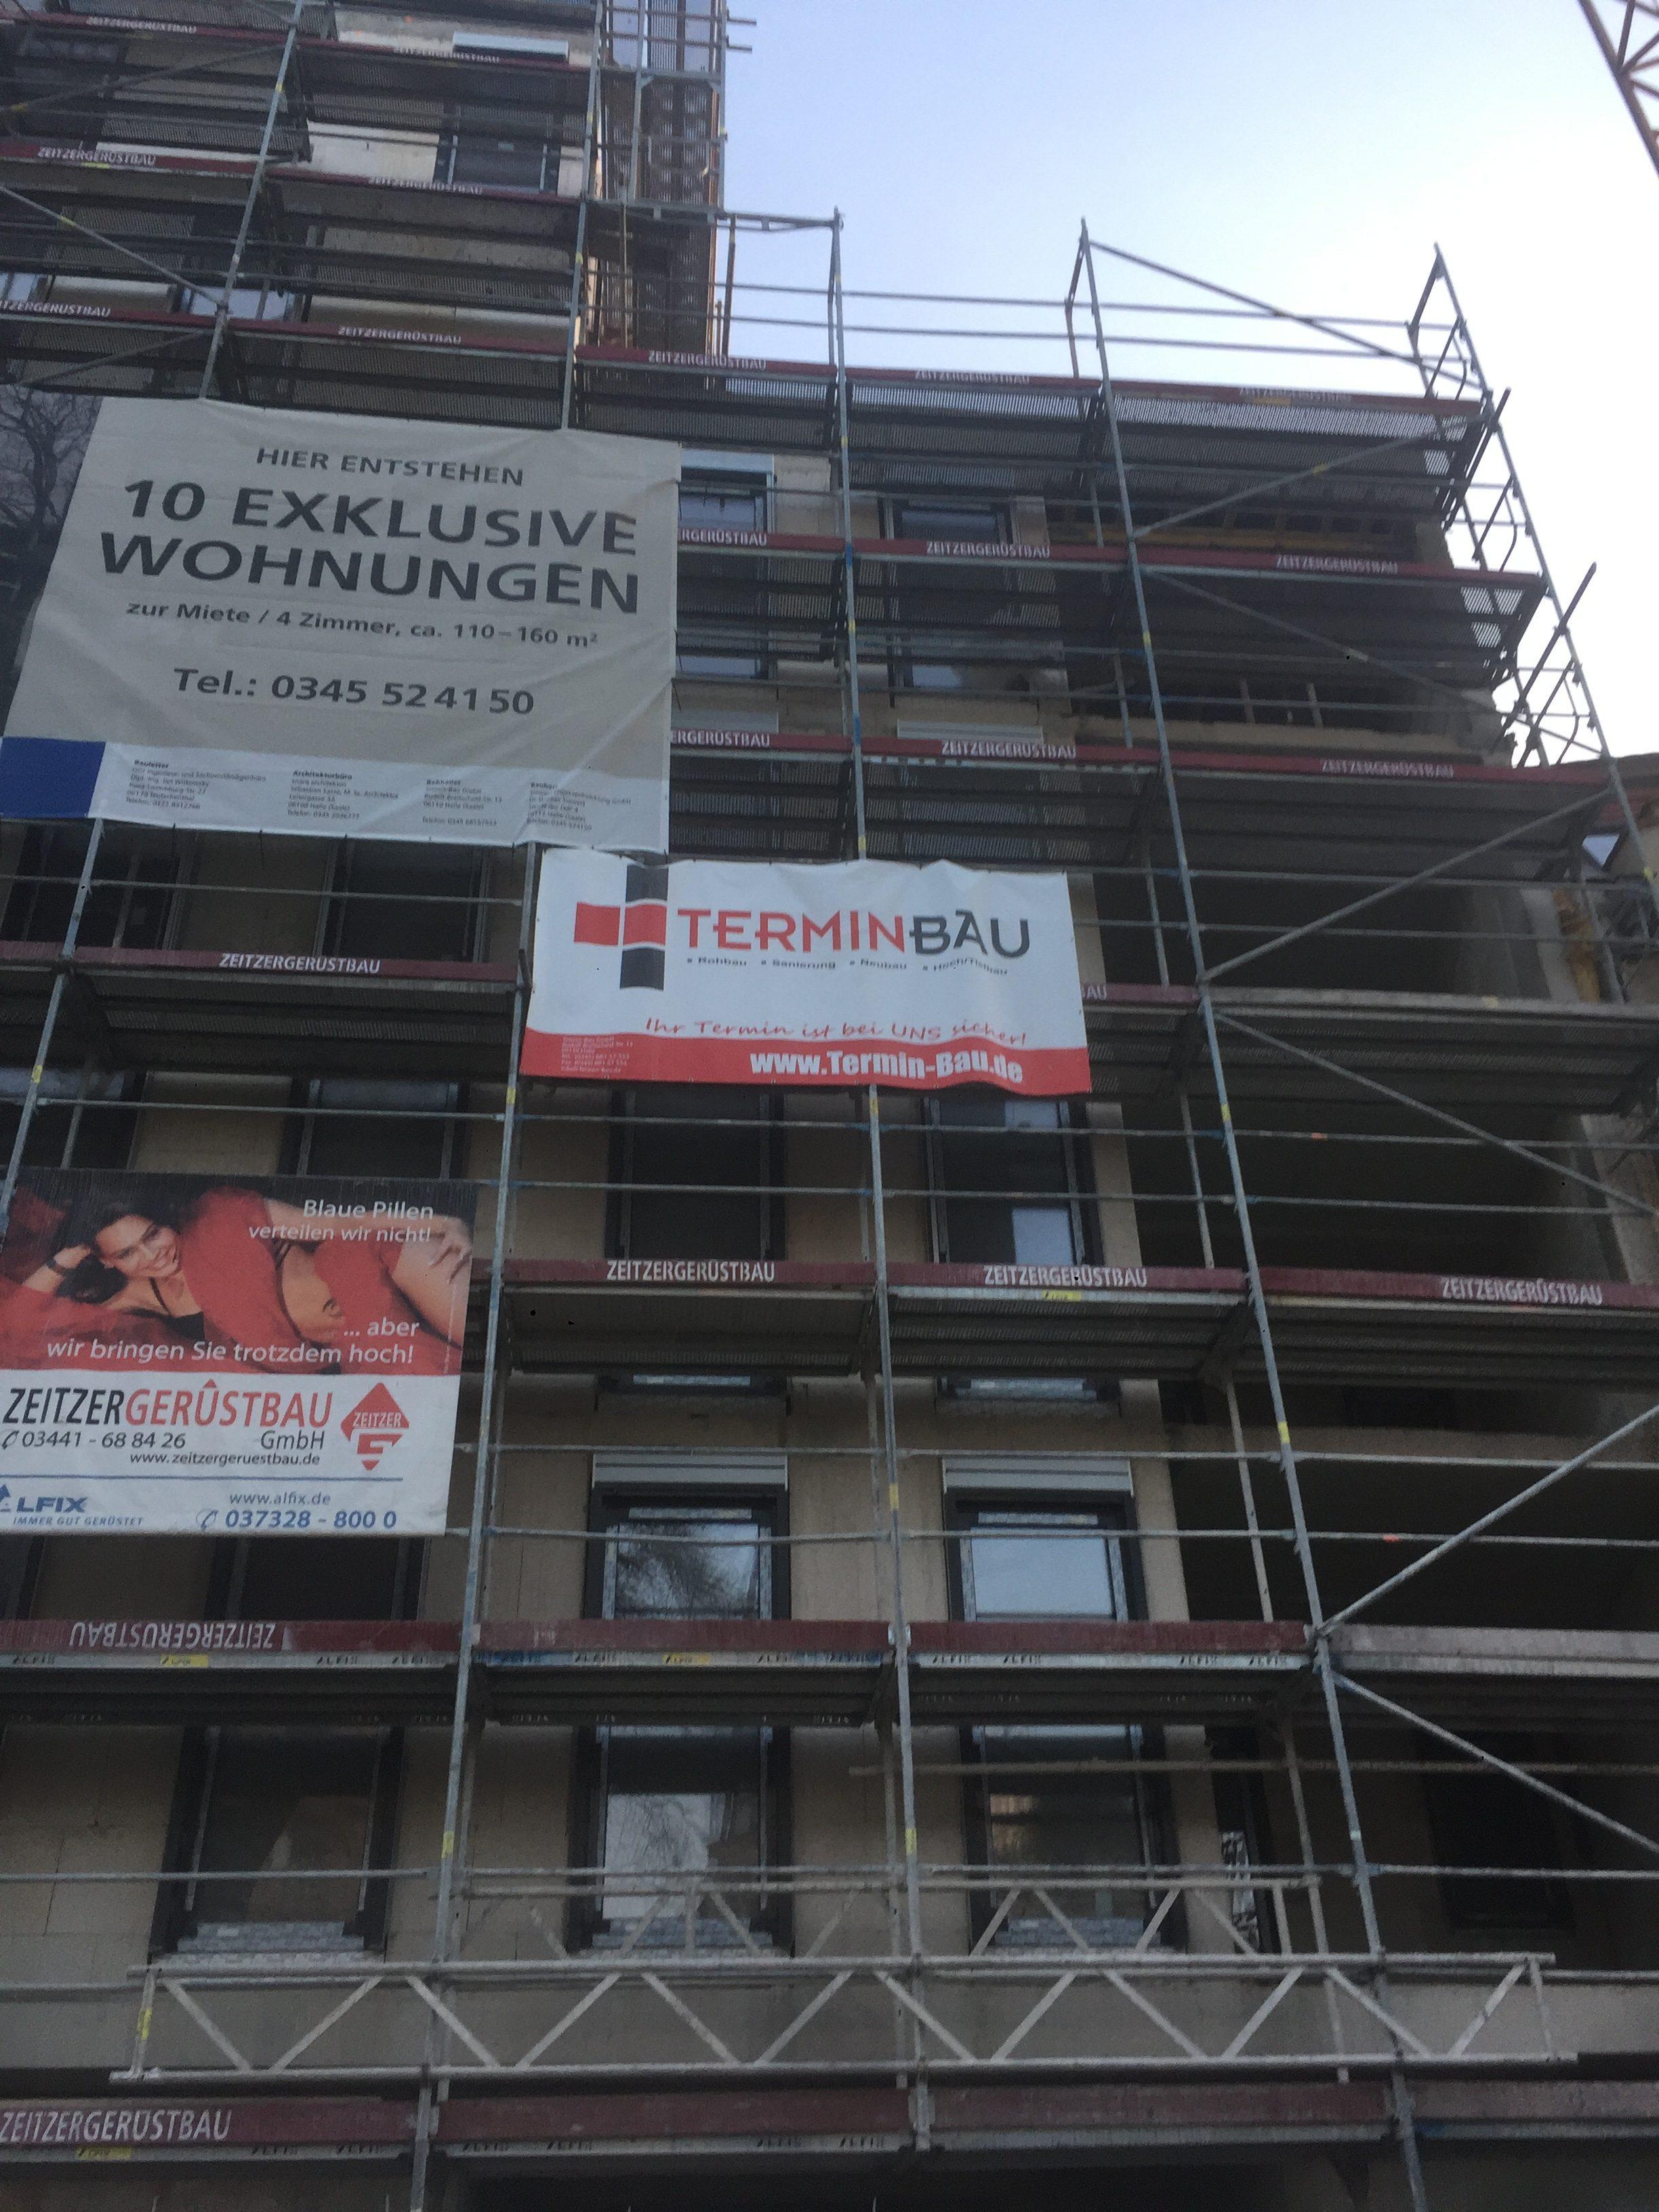 Sanierung von Altbauten in Leipzig - Modernisierung und Altbausanierung mit Termin Bau